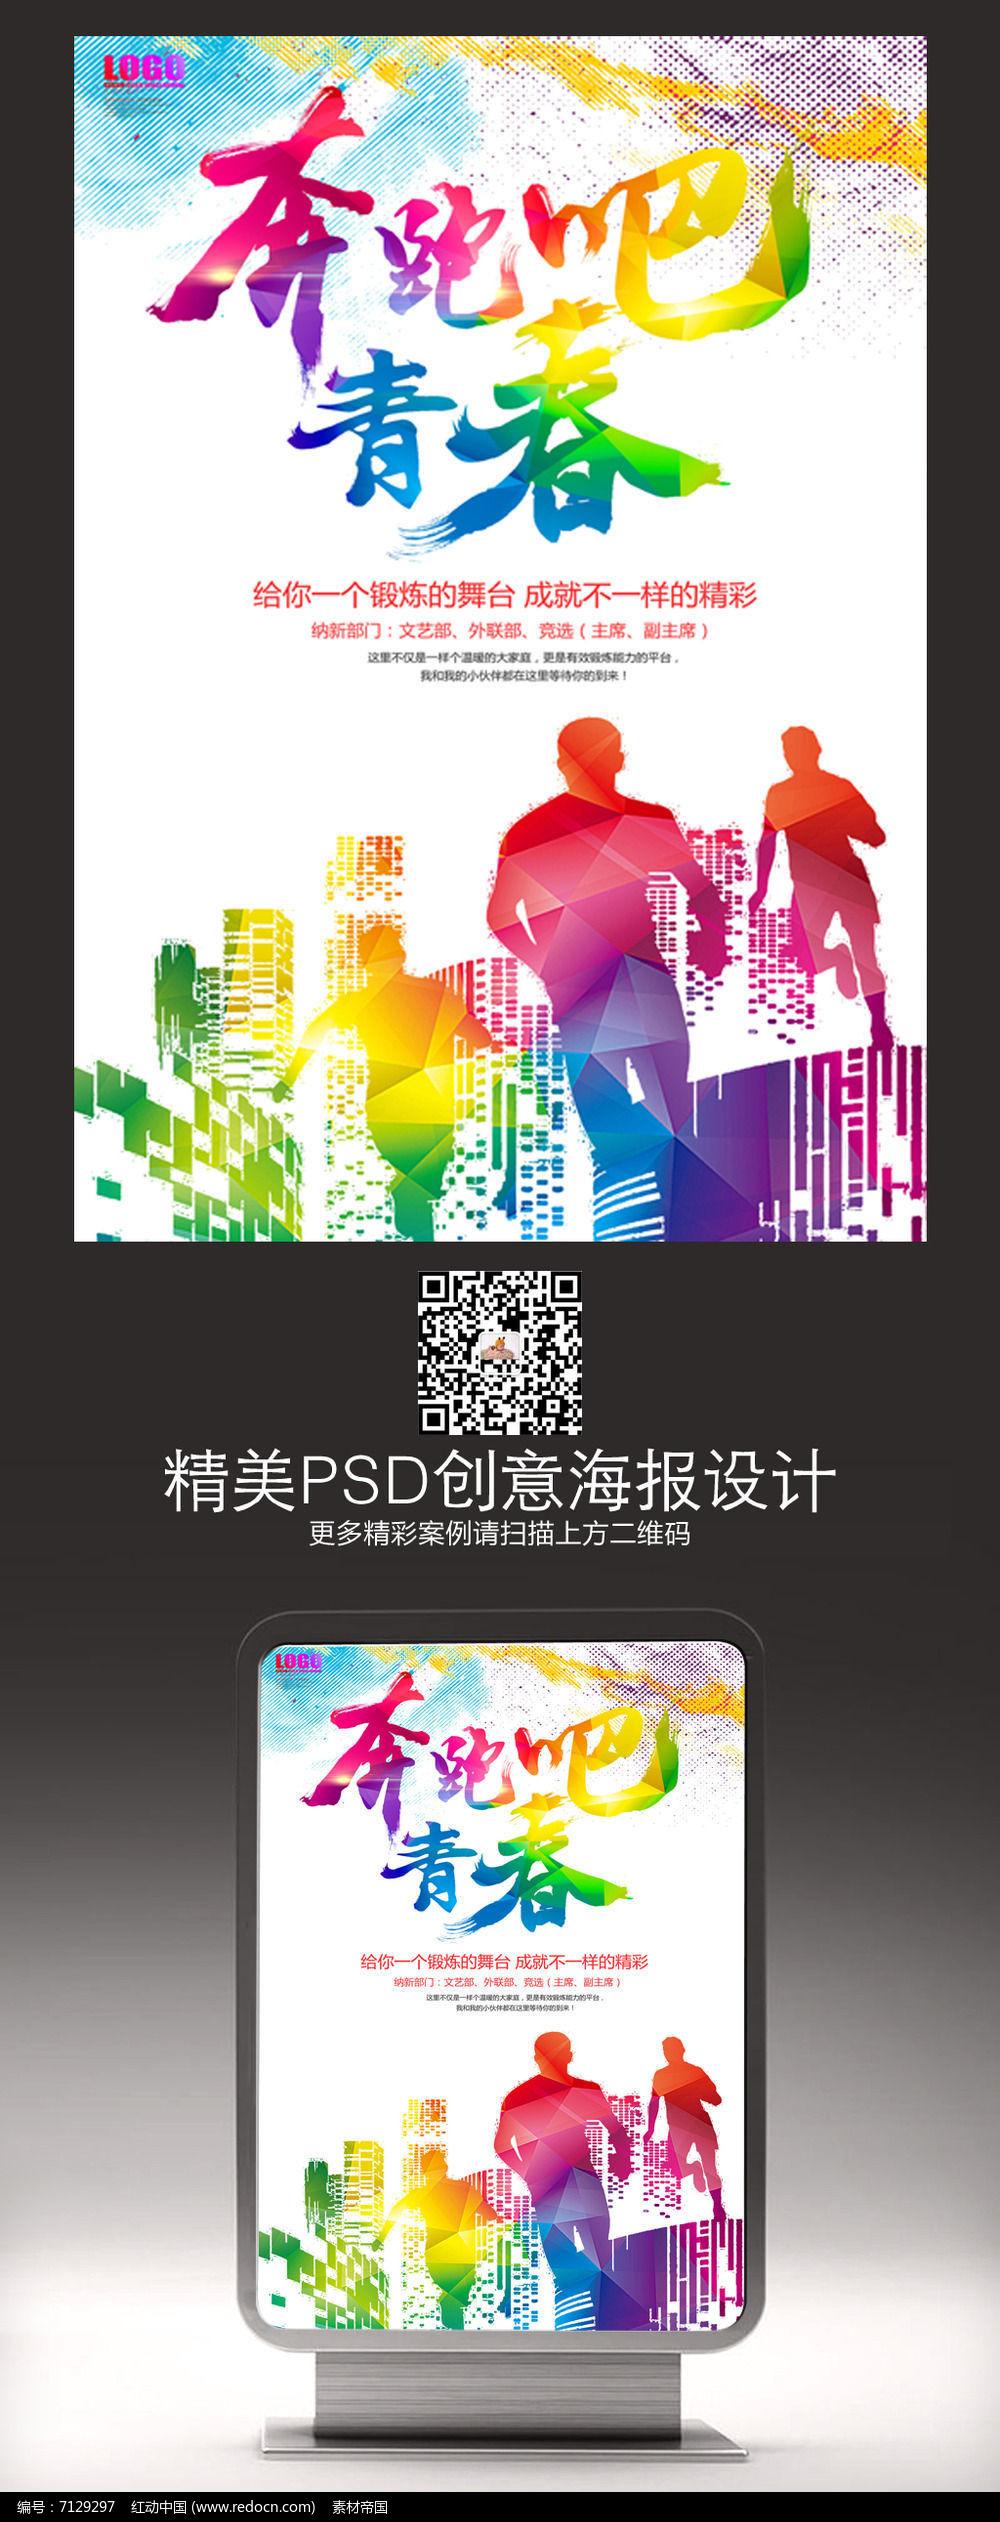 奔跑吧梦想青春励志海报